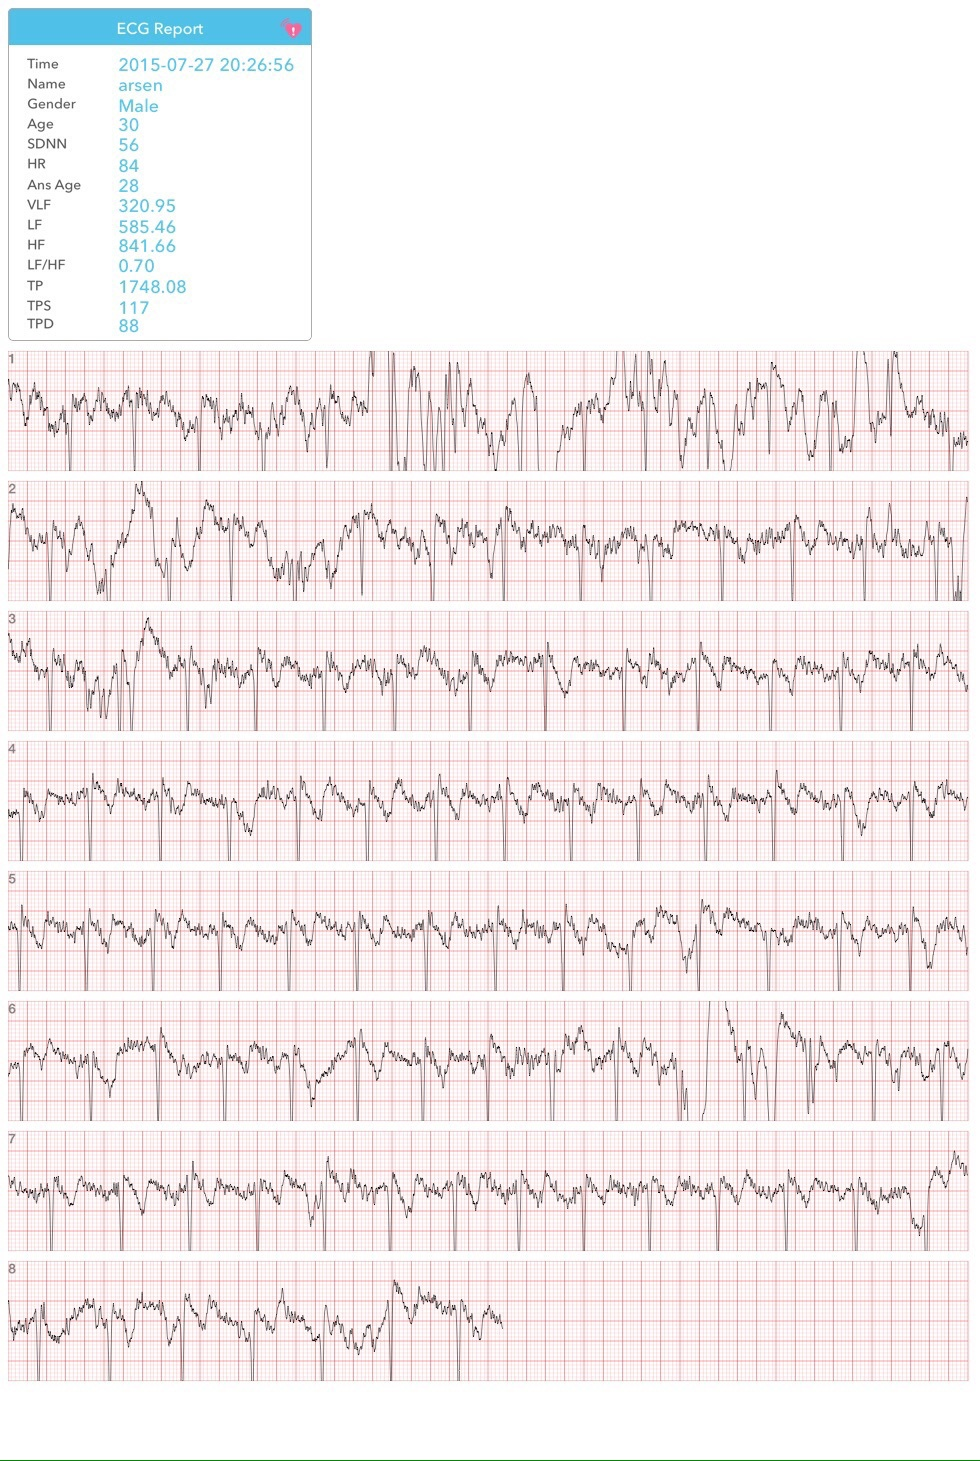 Wme2 — на что способен браслет от авторов первого iPhone: ЭКГ, давление и пульс из двух пальцев - 6